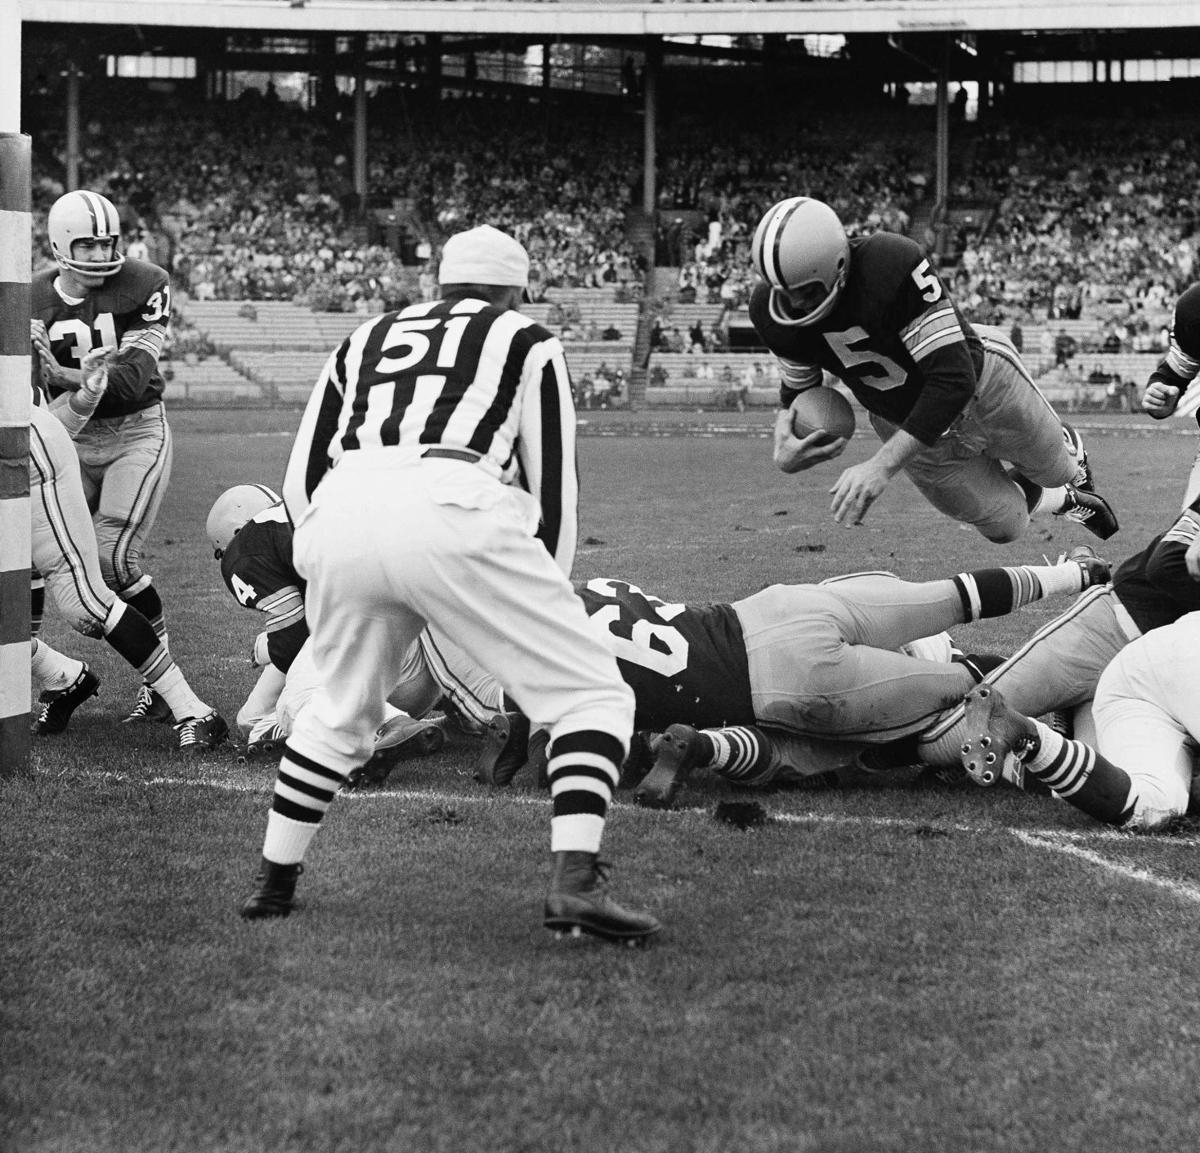 Paul Hornung - Packers vs. 49ers 1960